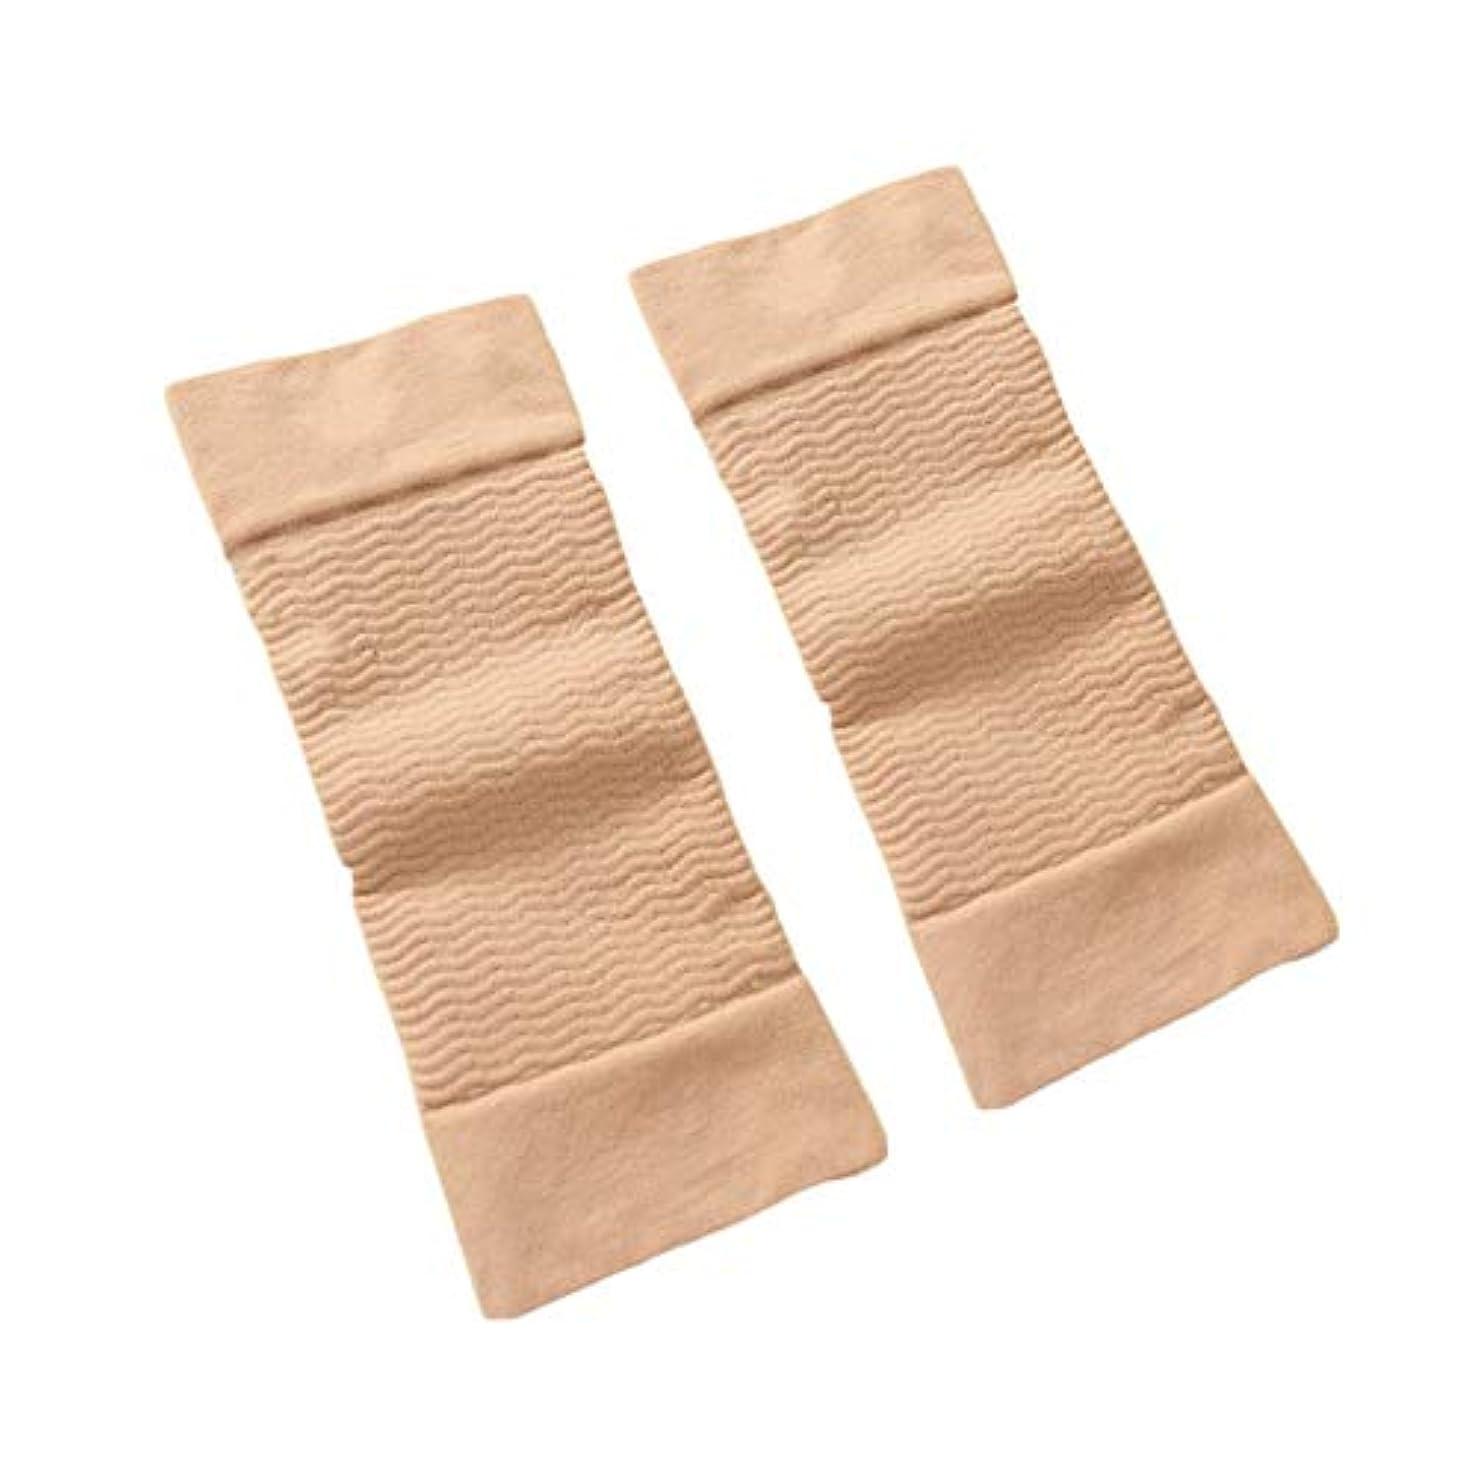 相談する副ご意見1ペア420 D圧縮痩身アームスリーブワークアウトトーニングバーンセルライトシェイパー脂肪燃焼袖用女性 - 肌色